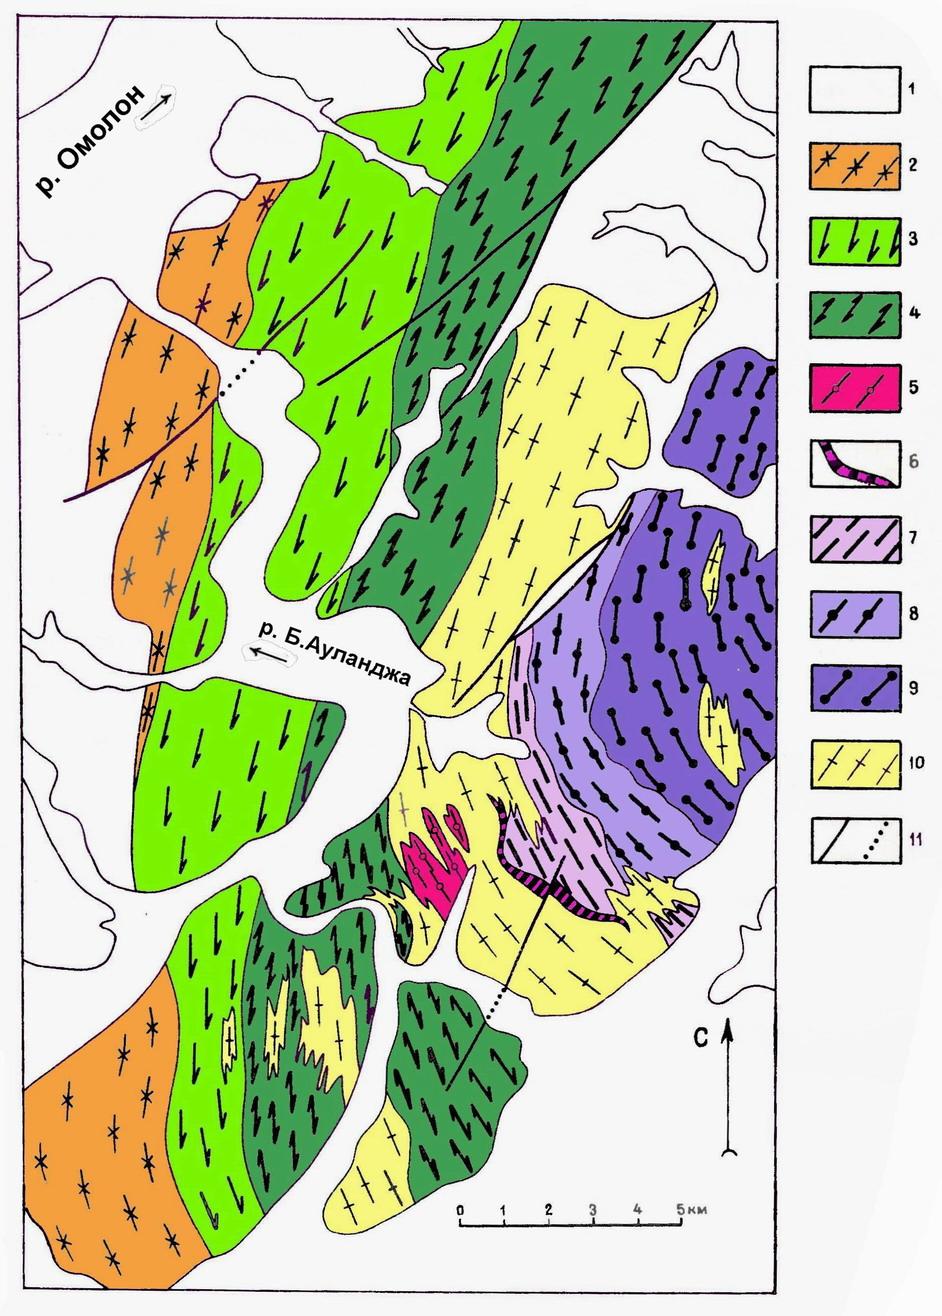 Ауланджинский выступ фундамента Омолонского массива - геолого-петрологическая схема